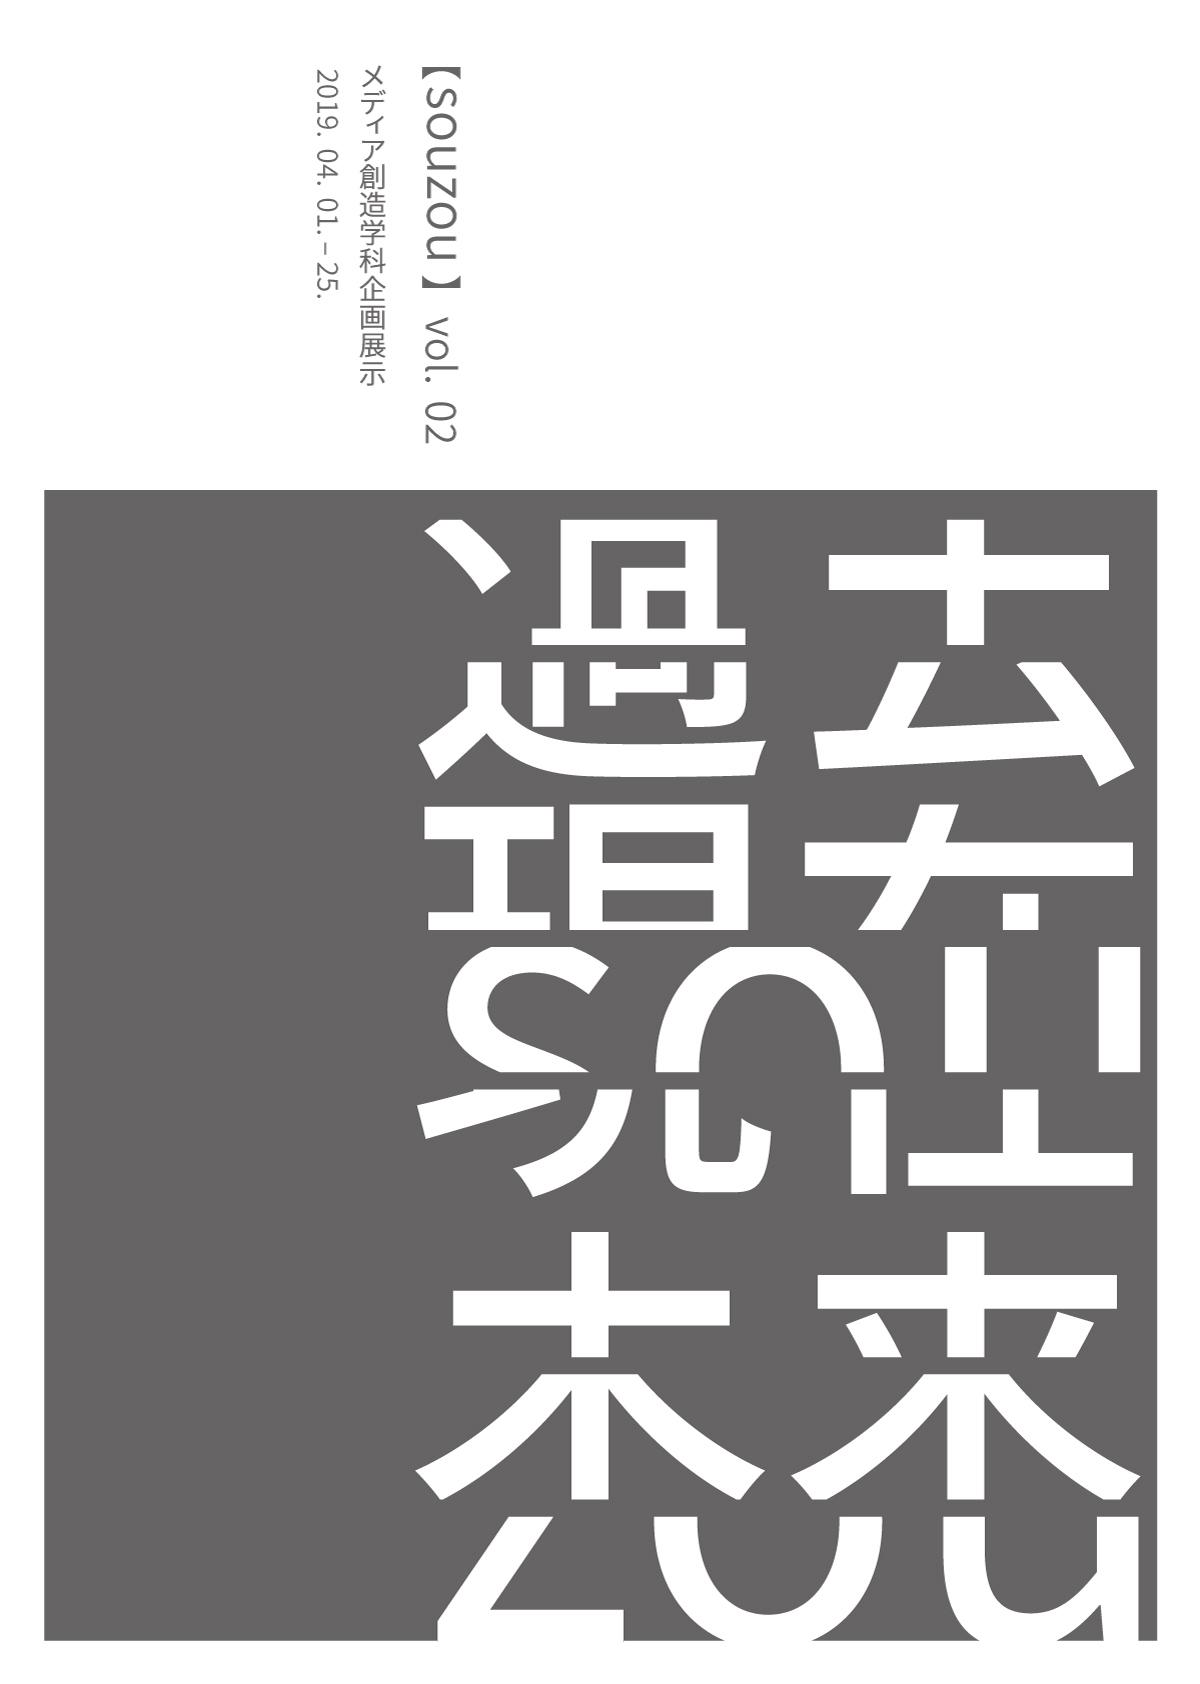 【souzou】メディア創造学科企画展示 vol.02